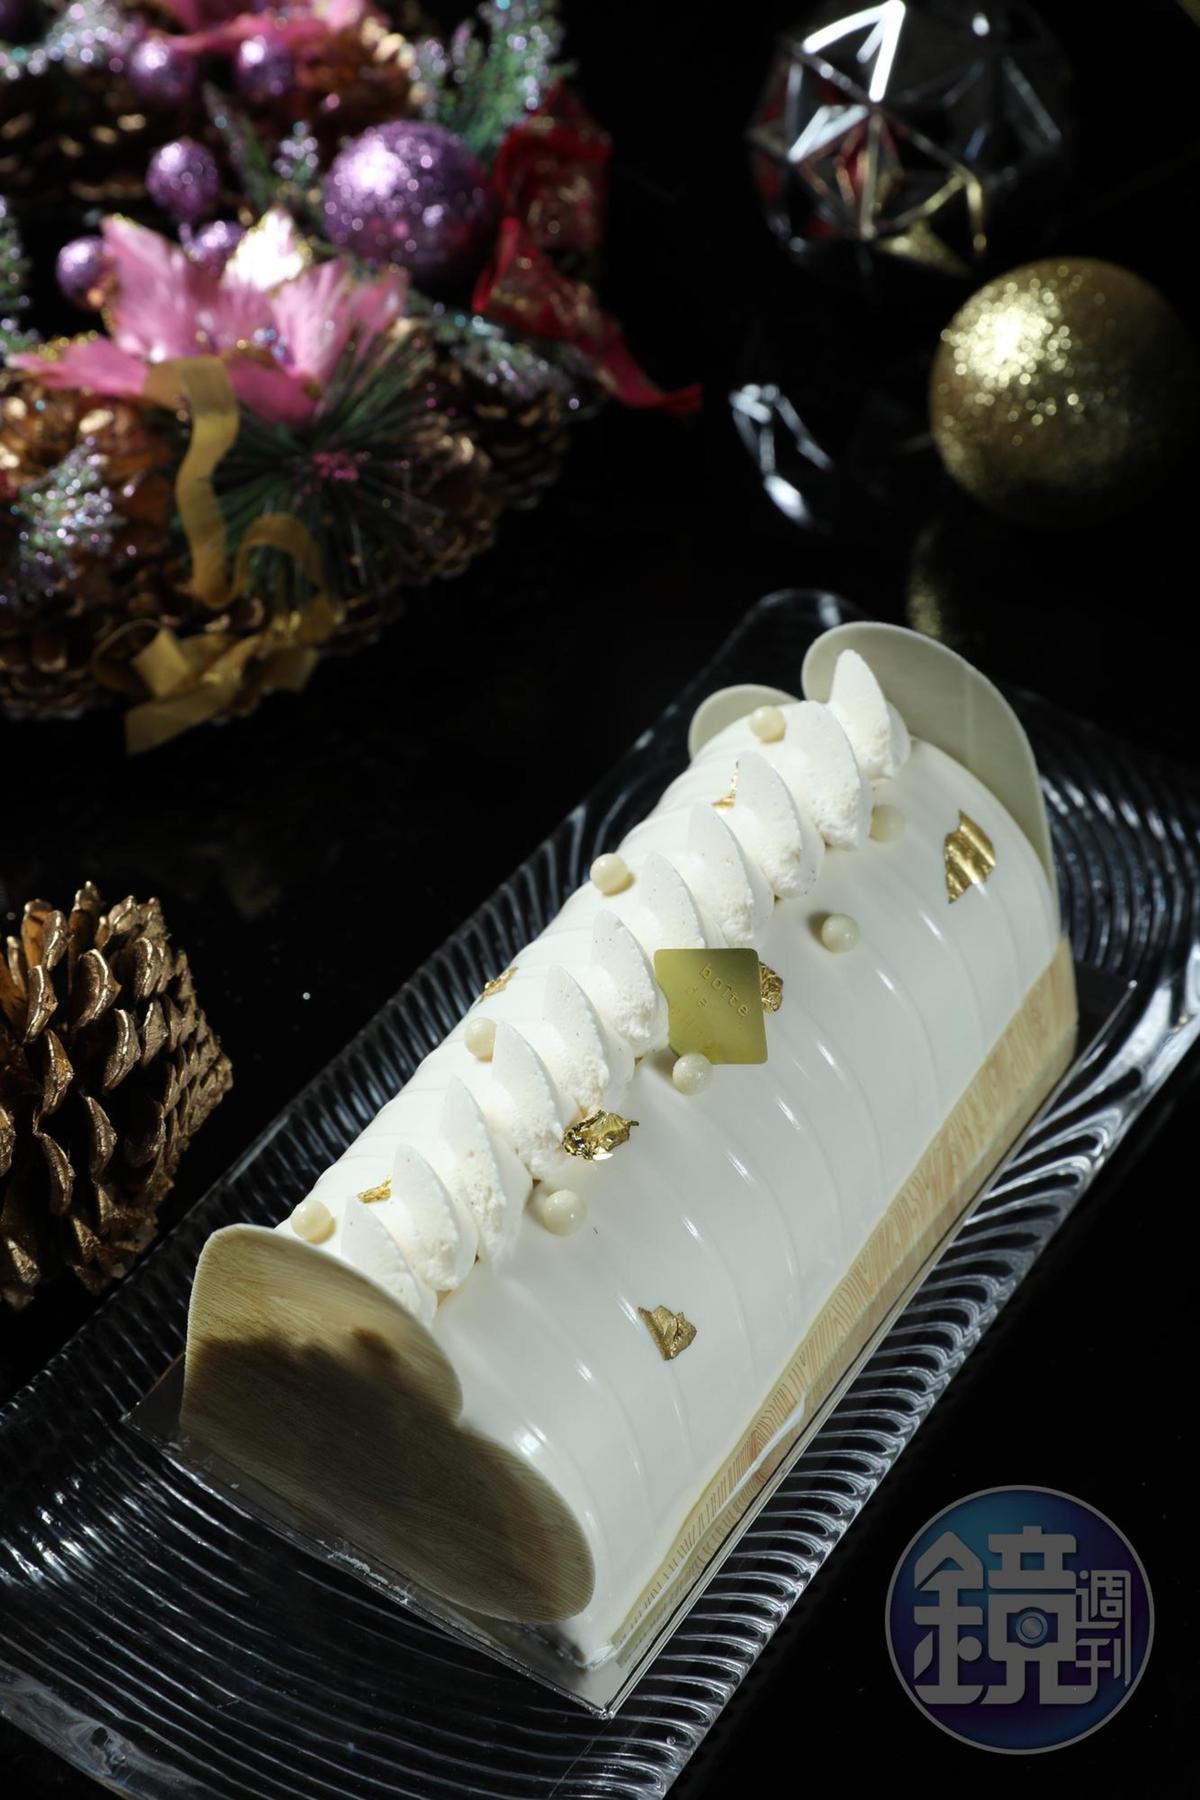 「茉莉晨露樹幹蛋糕」內餡的青蘋果丁酸甜爽脆,為口感增添趣味。(1,080元/條)